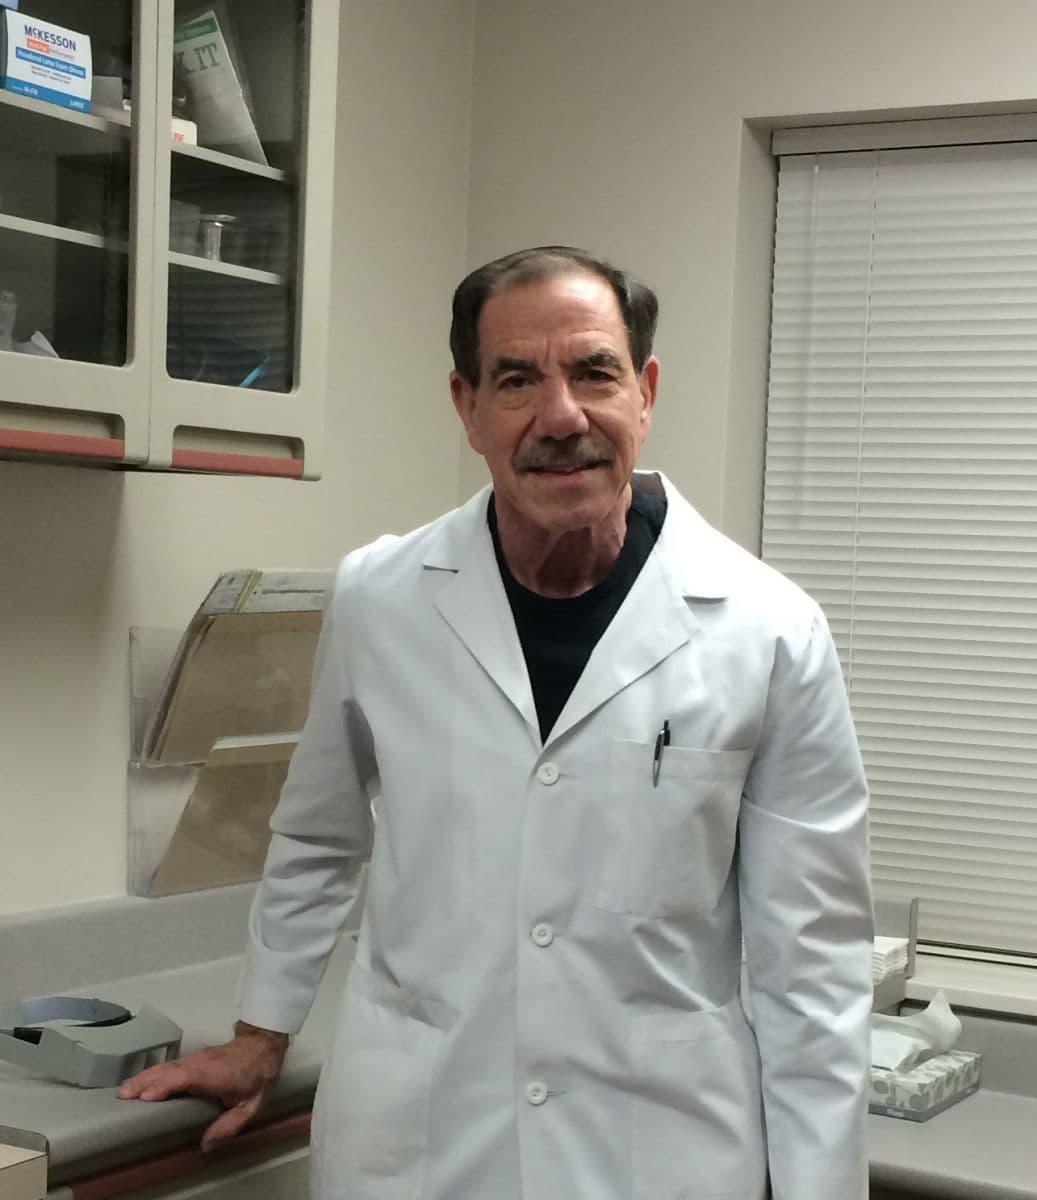 Dr. Sanders H Berk MD